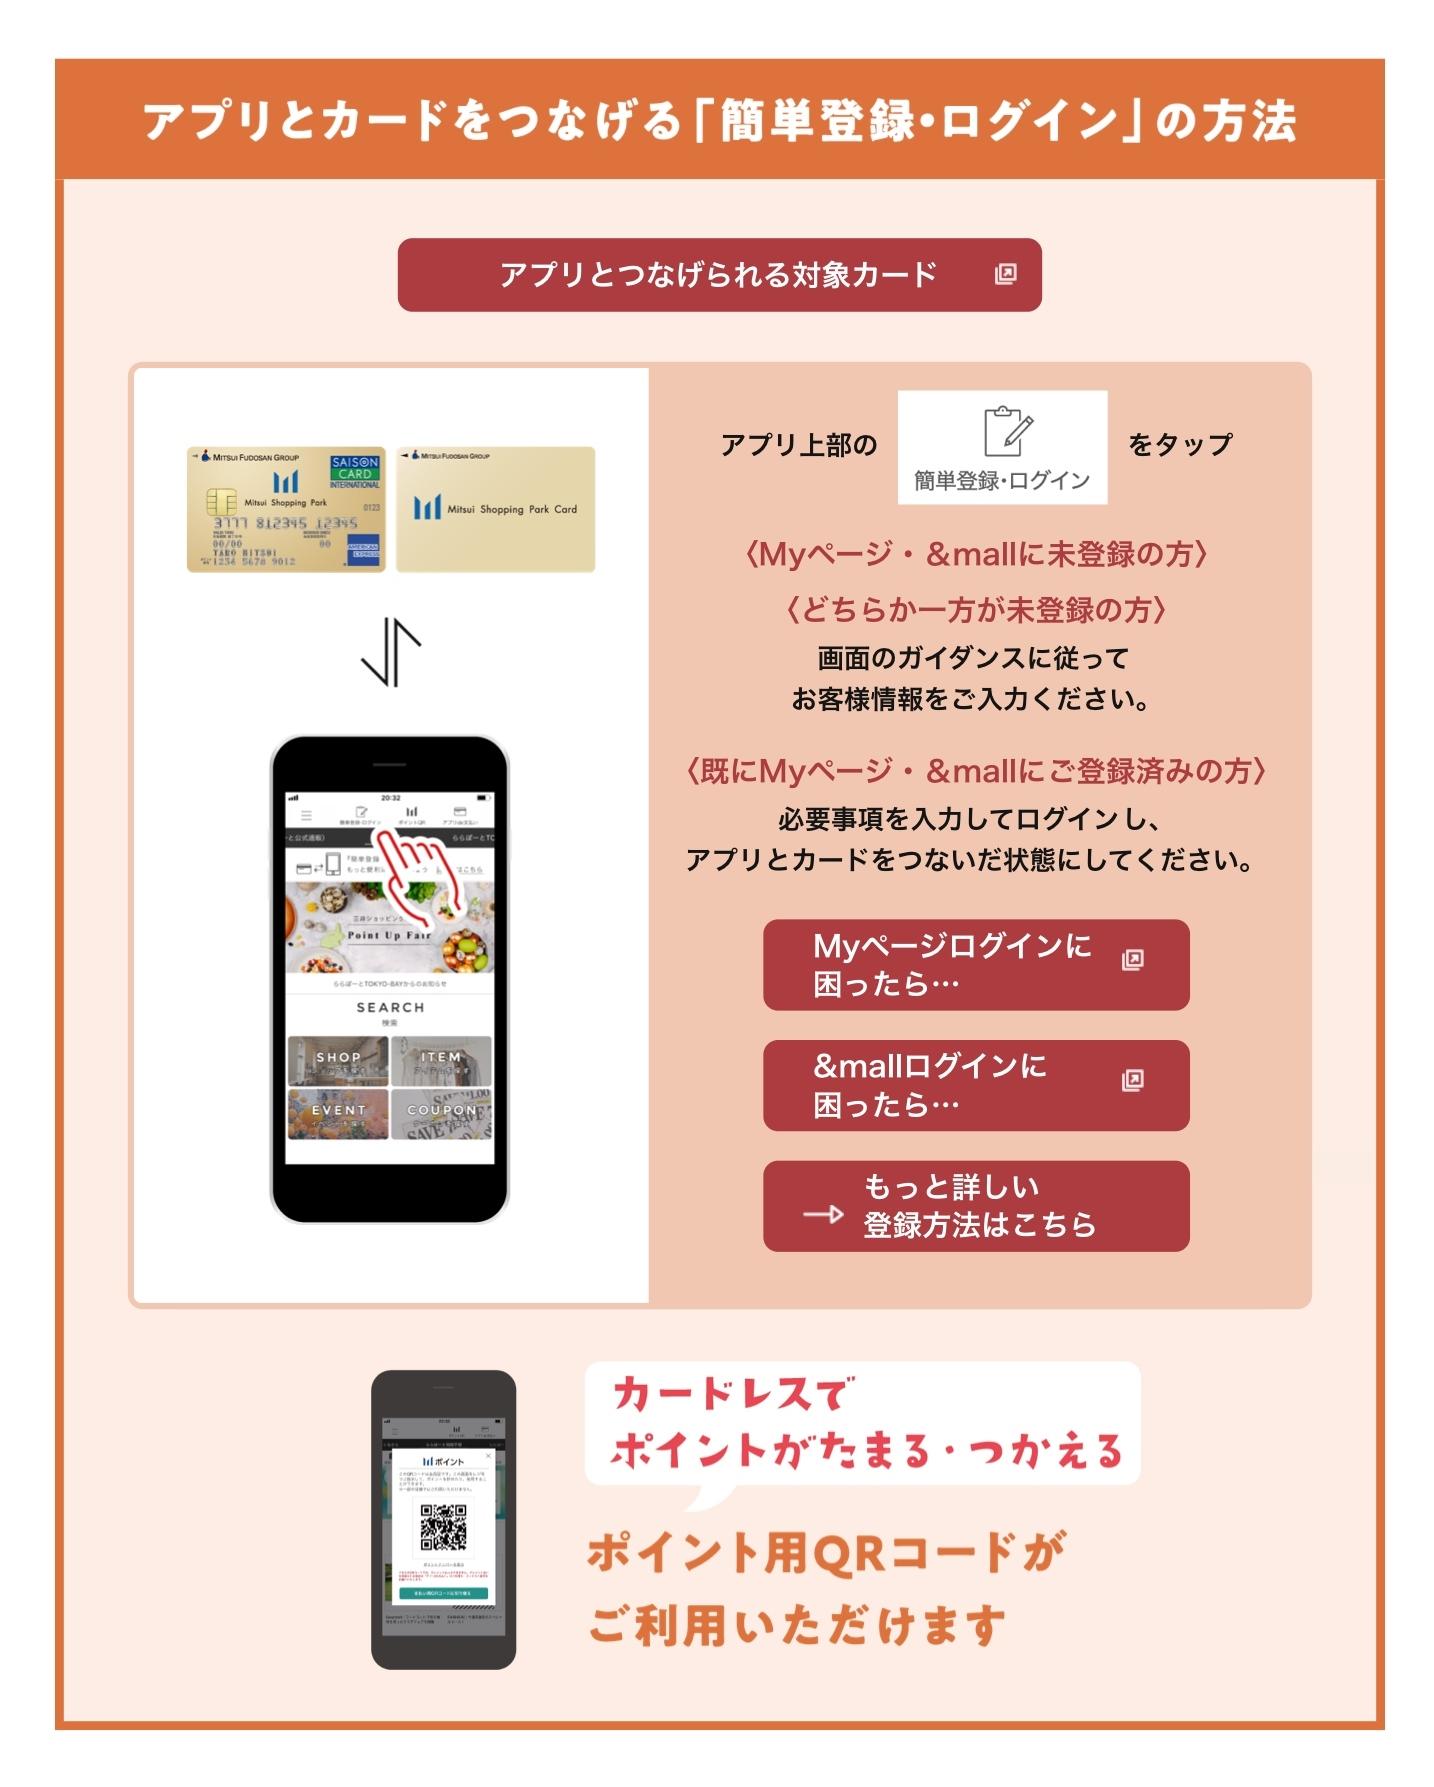 ショッピング パーク アプリ 三井